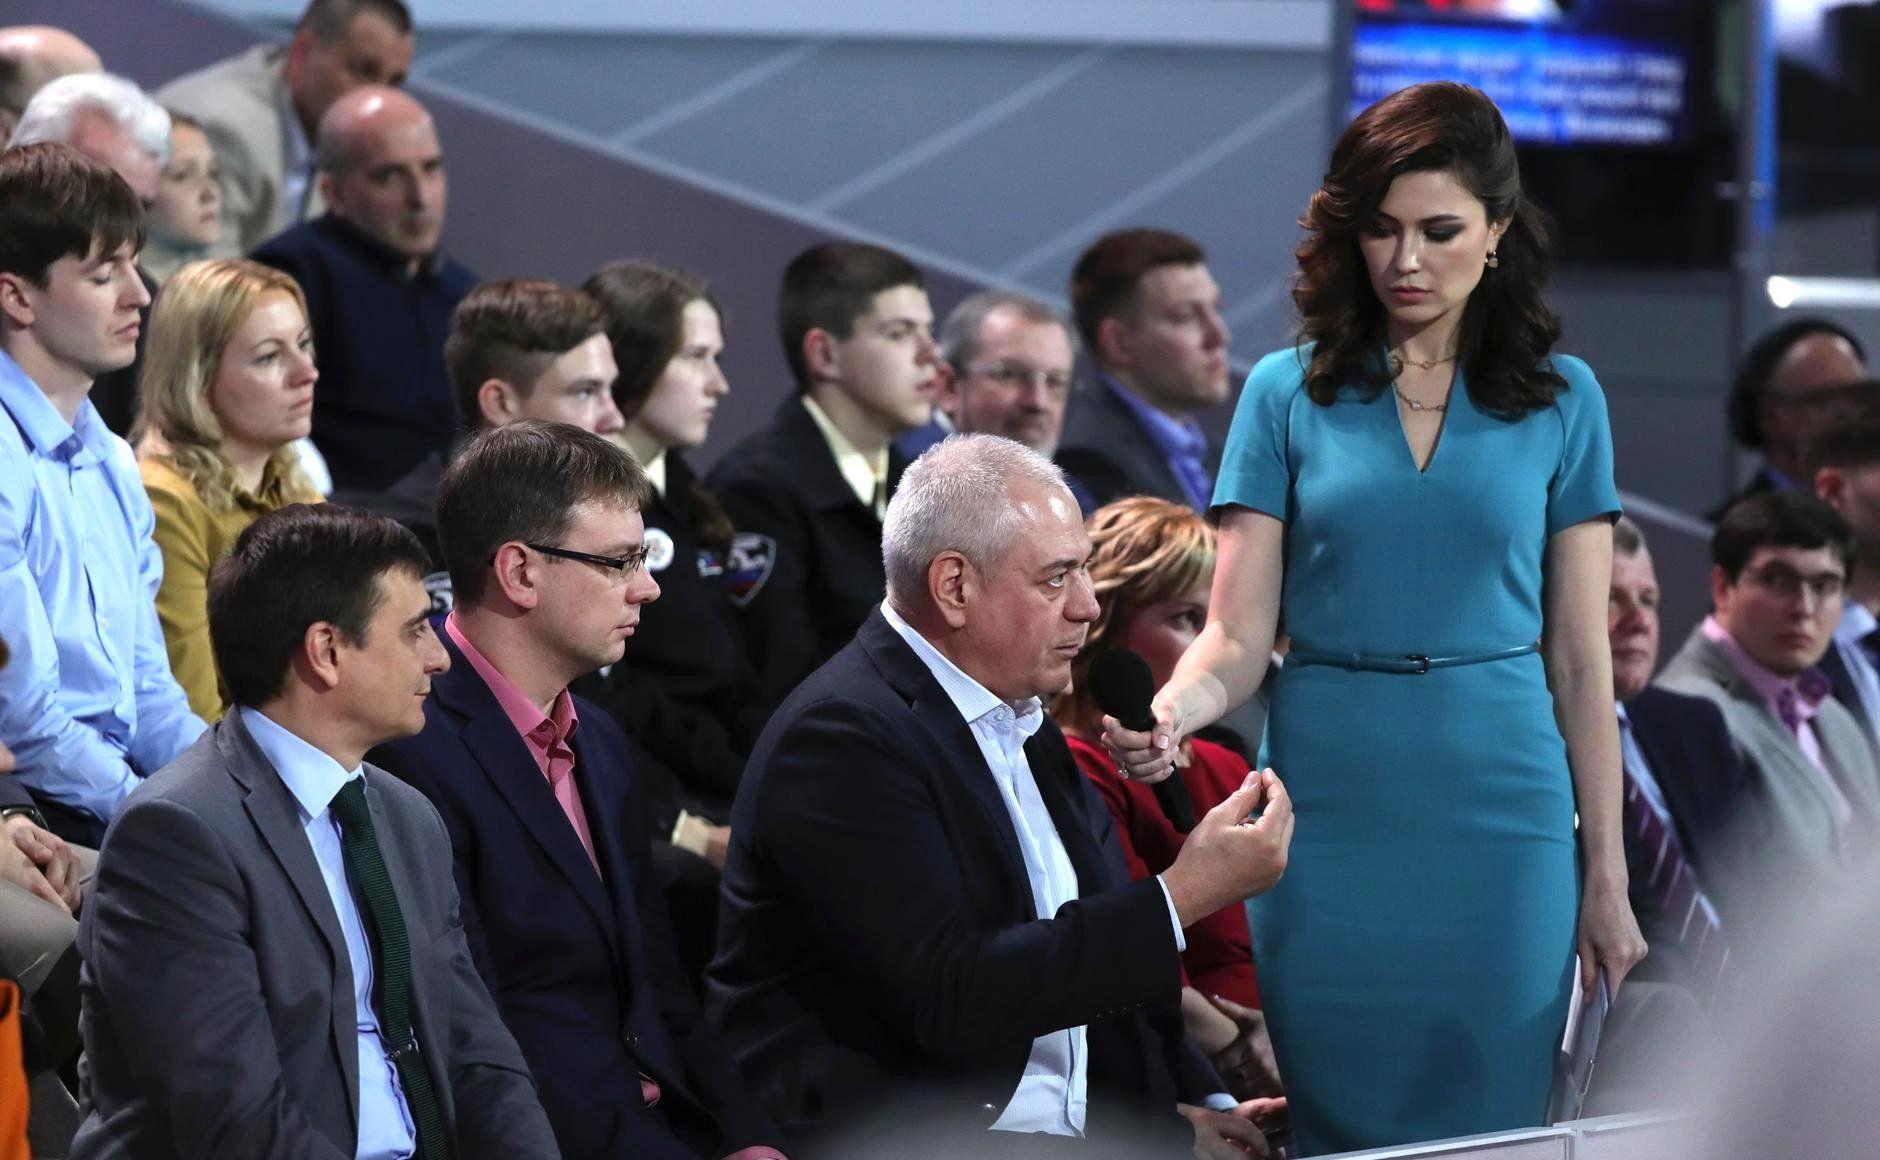 Сергей Доренко на пресс-конференции с Владимиром Путиным ©Фото пресс-службы президента Российской Федерации